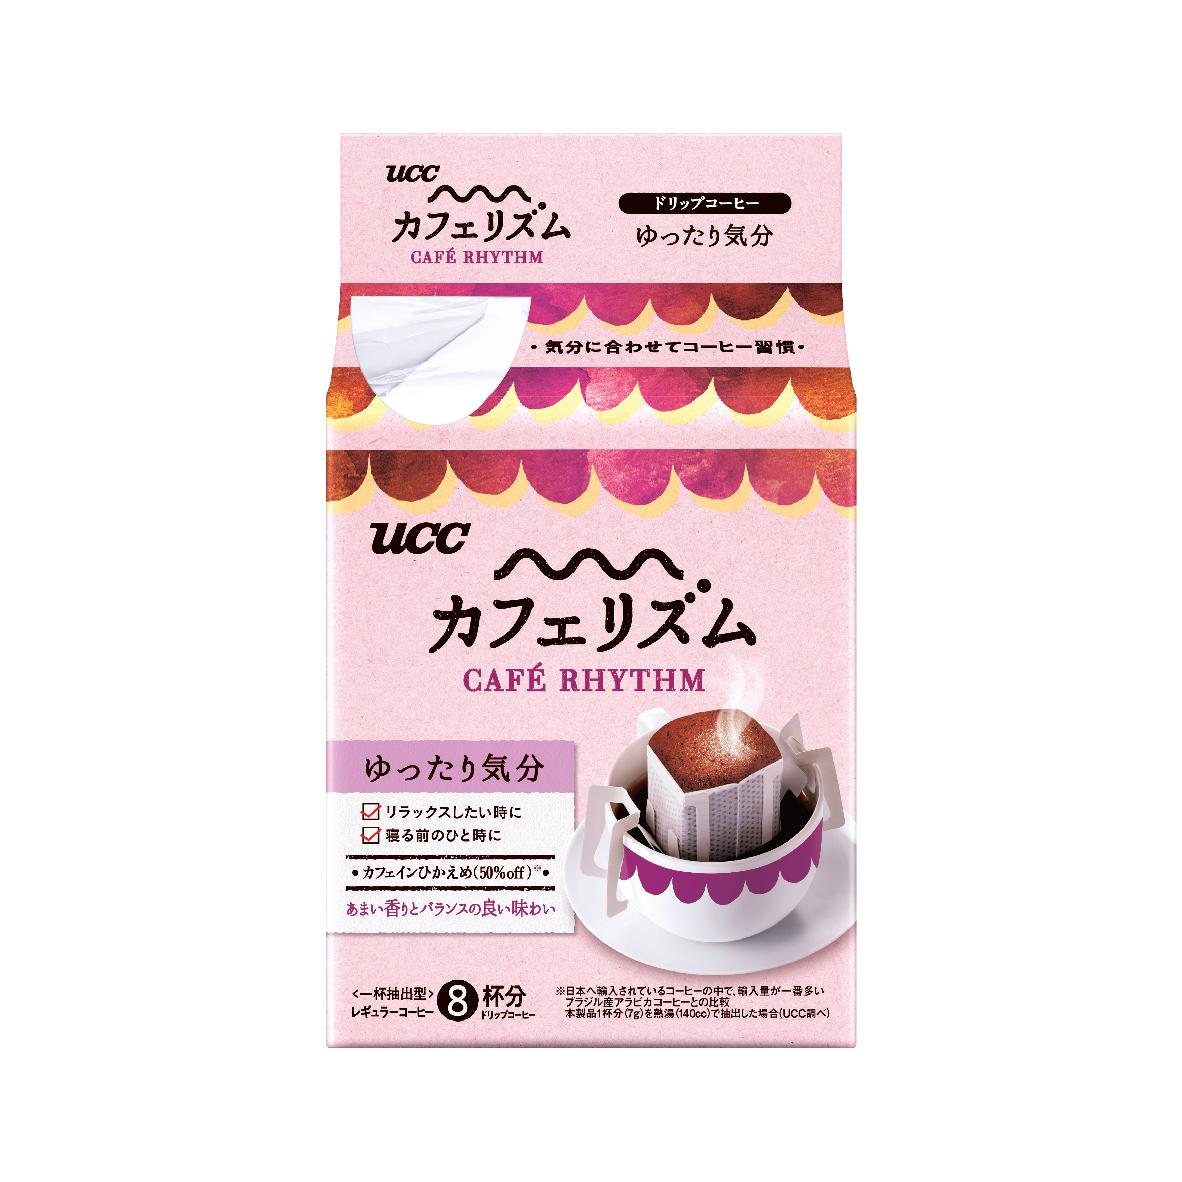 UCC Cafe Rhythm Relaxed Drip Coffee